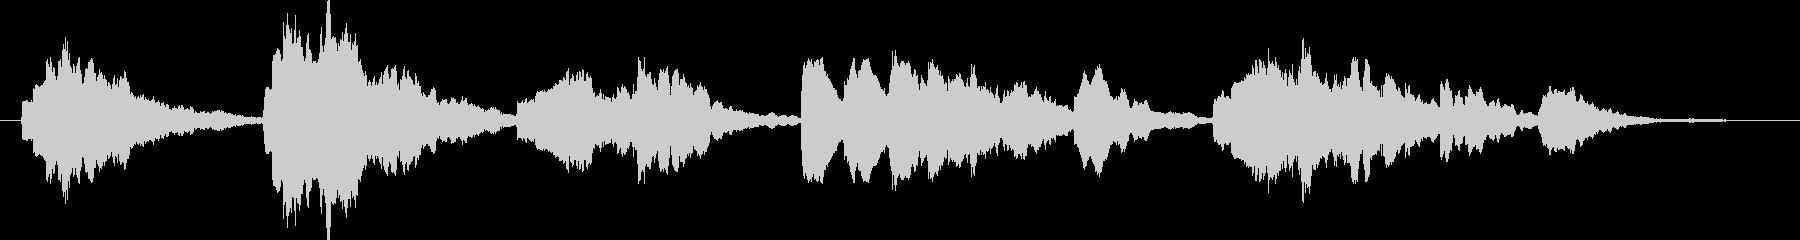 寂しげなエレクトリックピアノ曲の未再生の波形